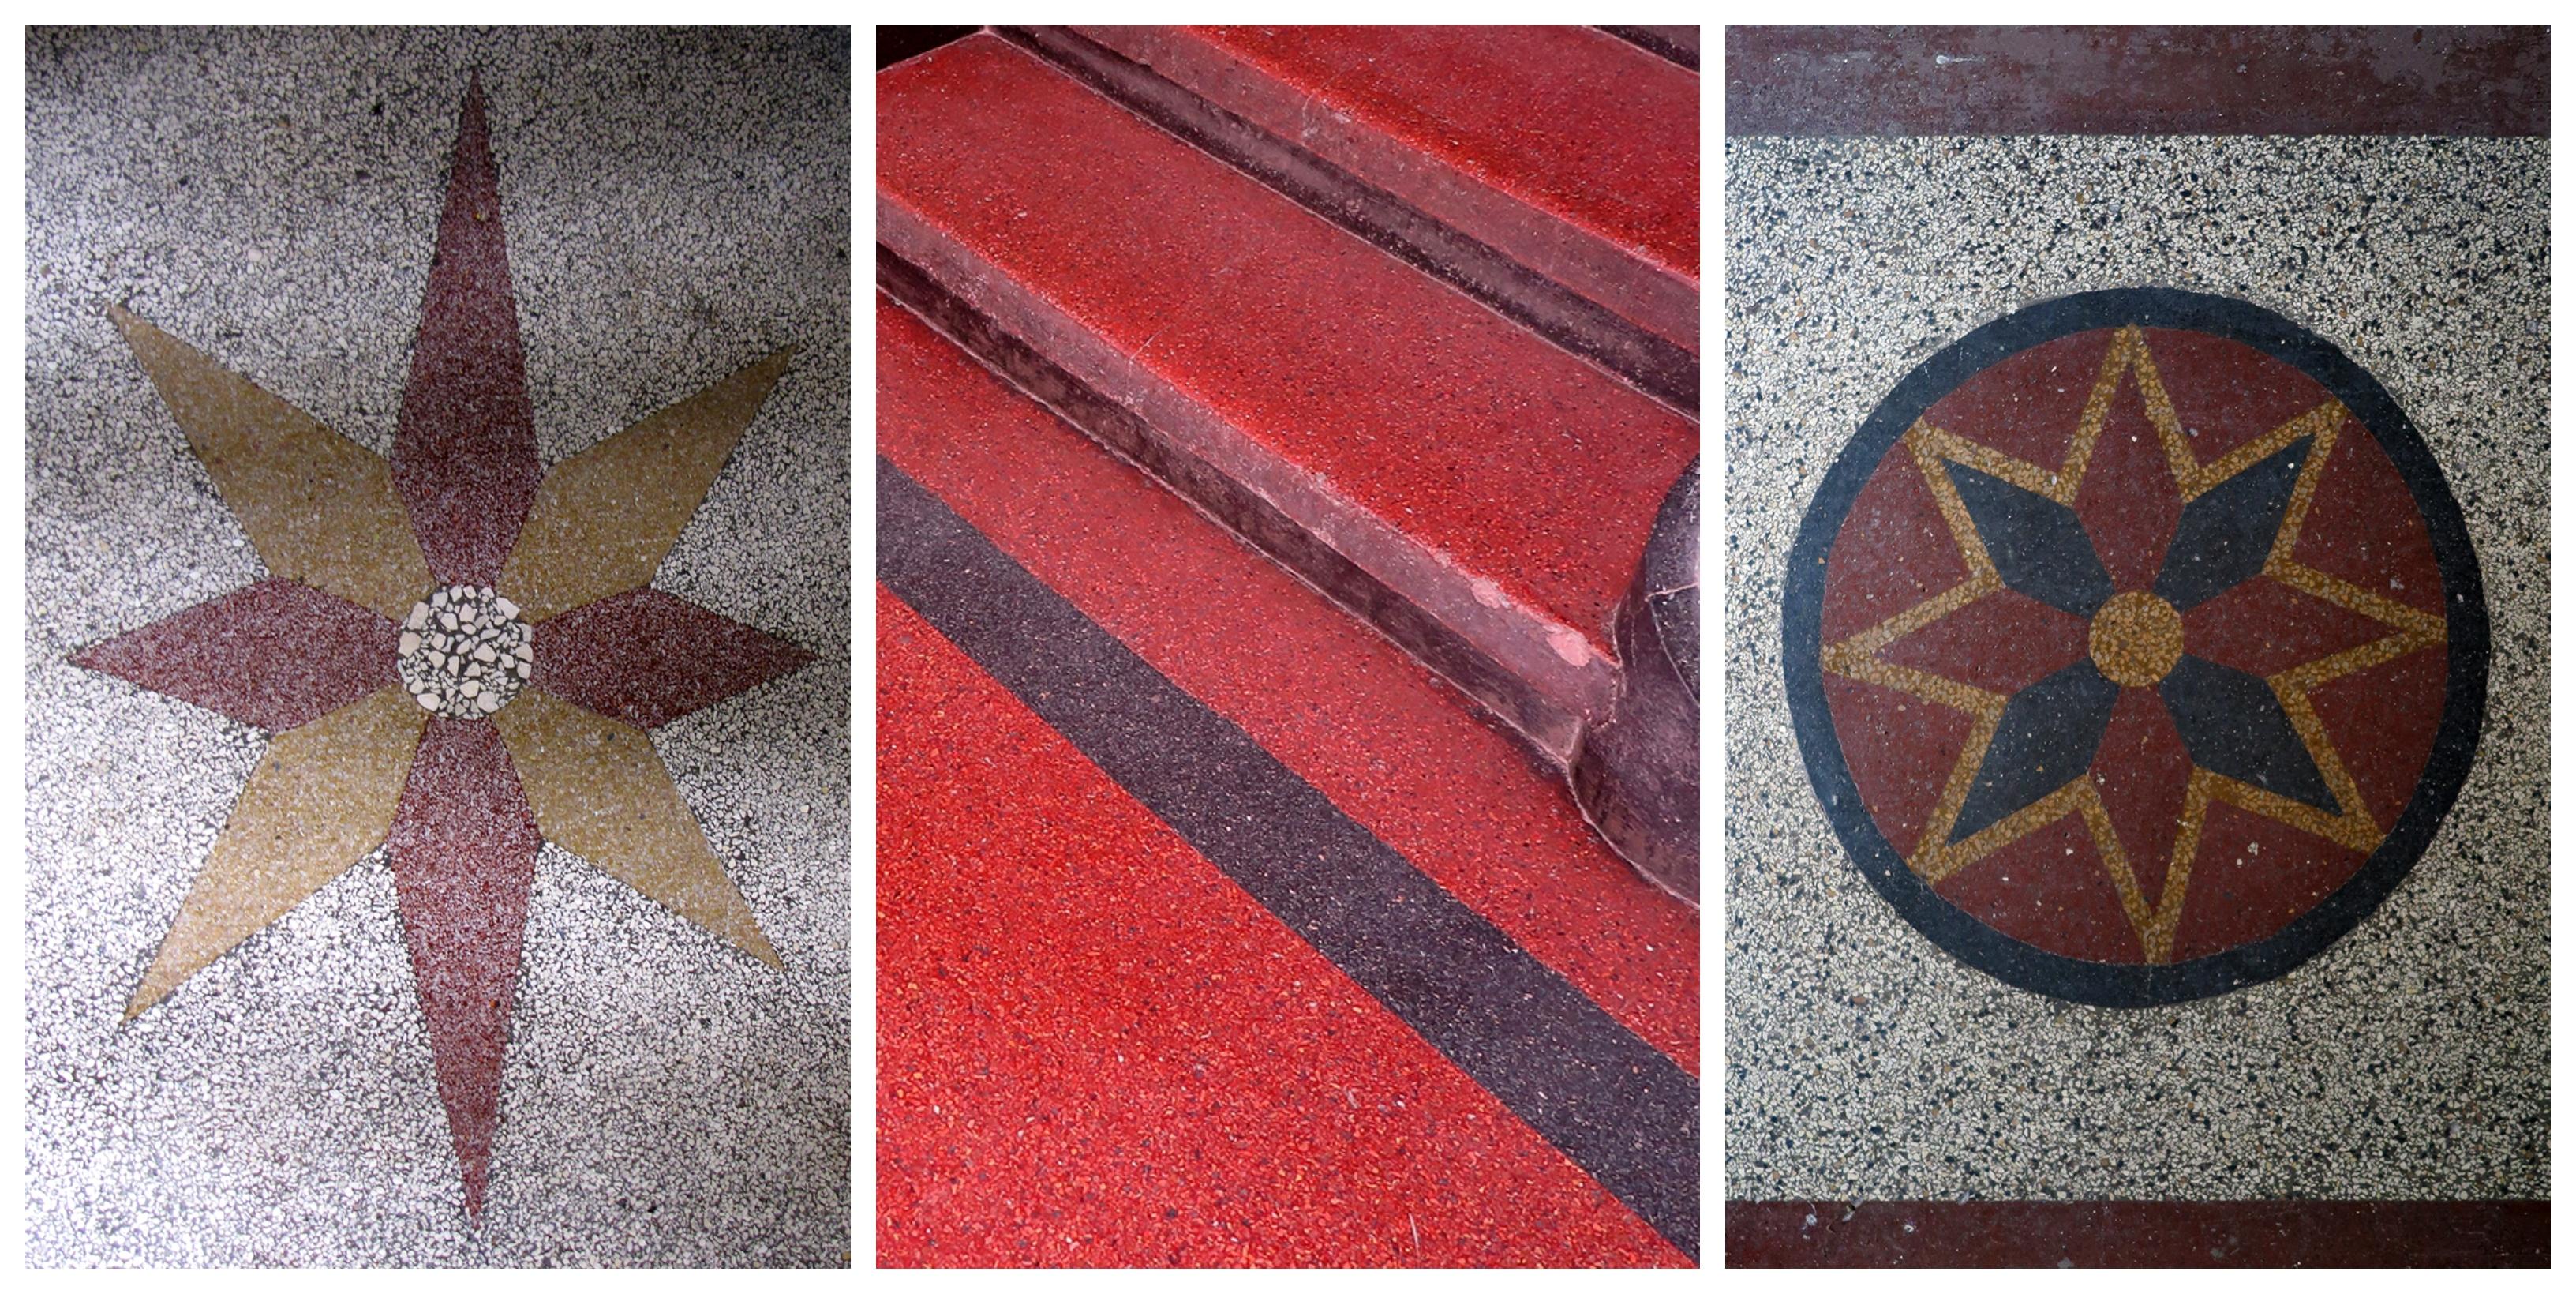 Motyw dekoracyjny z lastryka w budynku przy ul. Mickiewicza 33; 2.Jaskrawe lastryko w kamienicy przy ul. Starowiejskiej 52; Posadzka w sieni klatki schodowej w kamienicy przy ul. Starowiejskiej 47